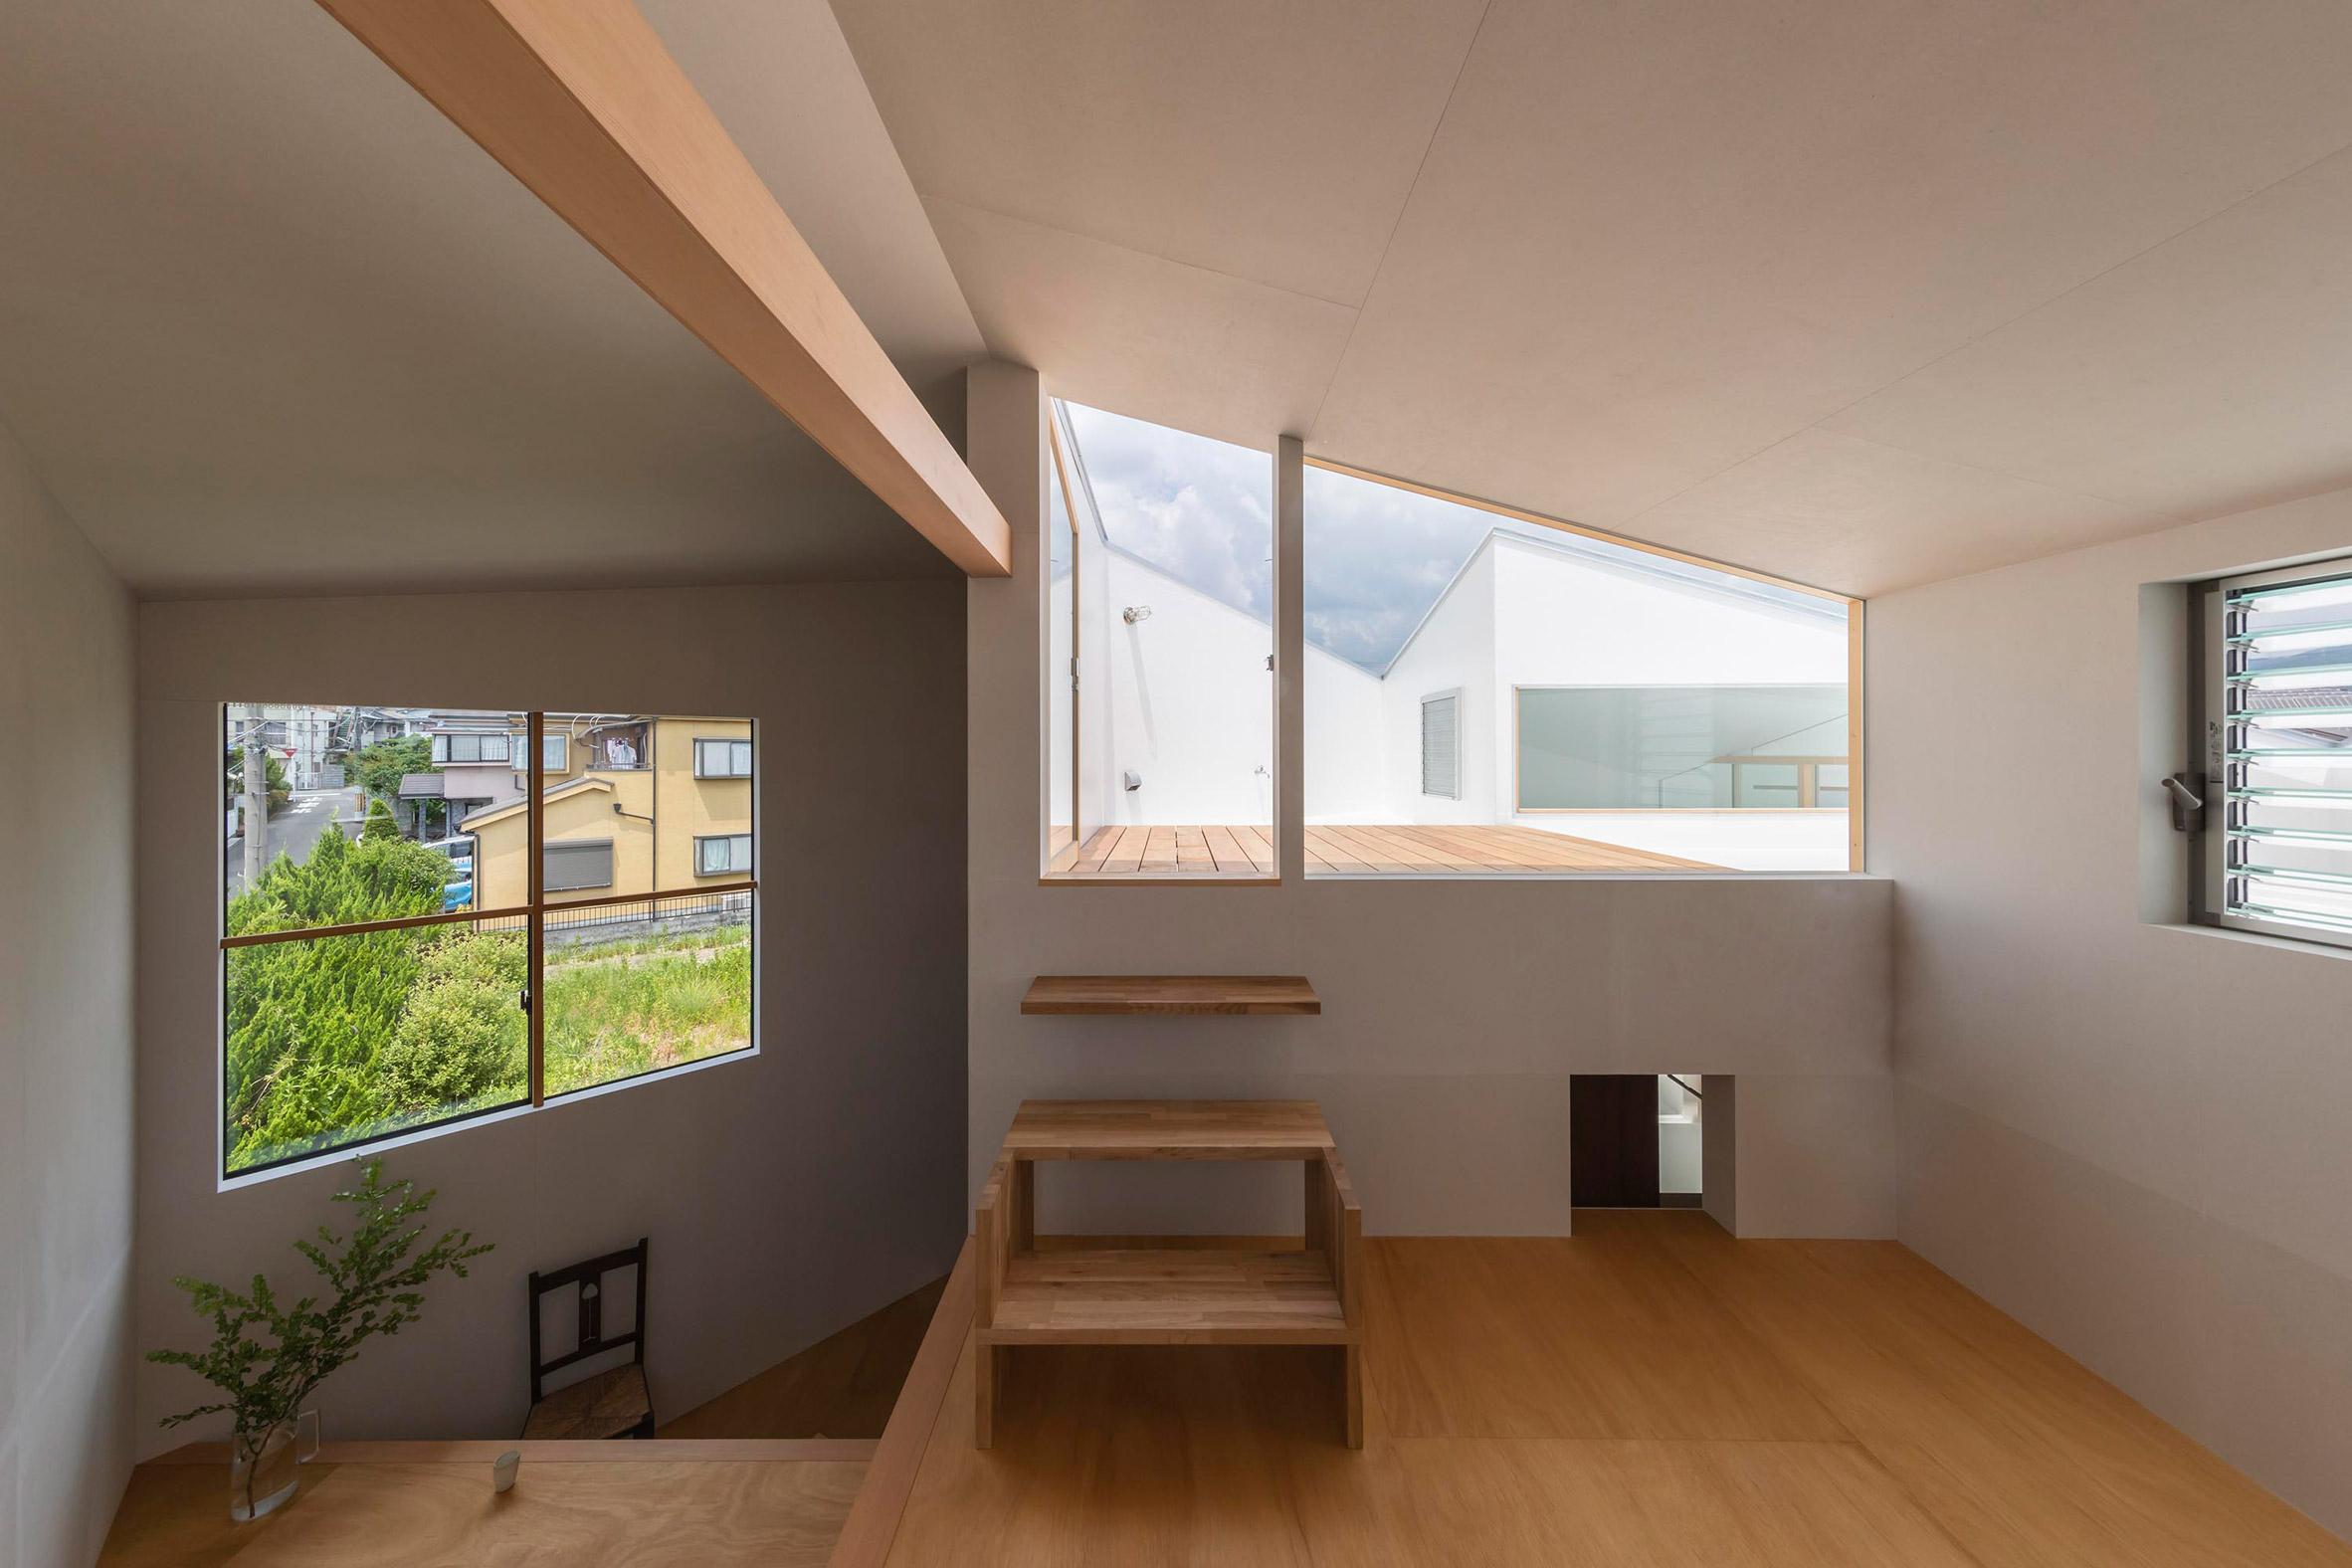 Thiết kế nội thất căn hộ nhỏ 20